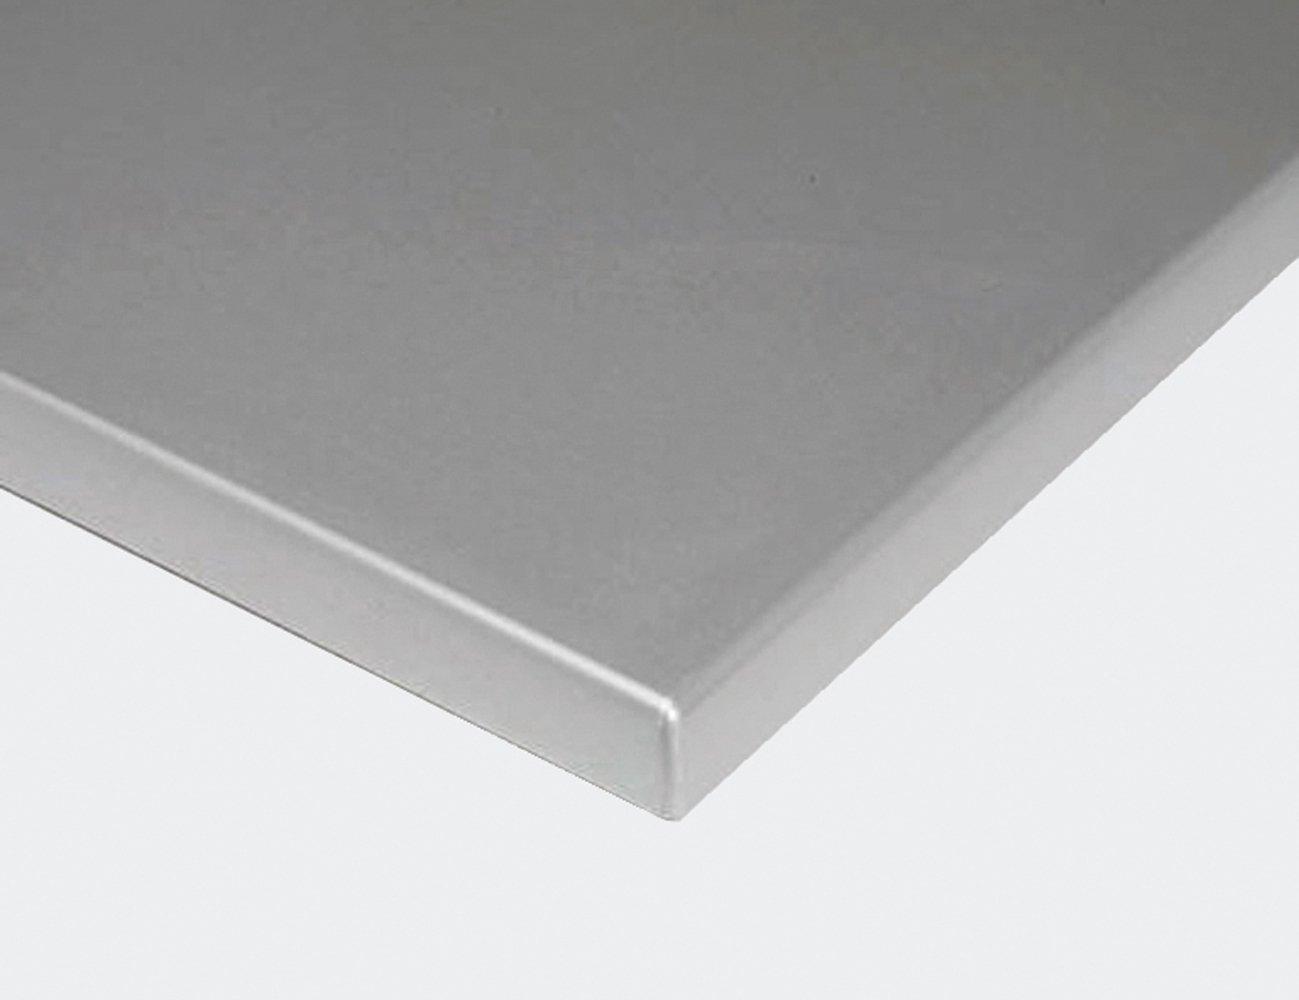 Nardi 30.017.10.197 Tischplatte zu Tisch Dama/Regina, aus Werzalit, Ø 70 x 4 cm, silber